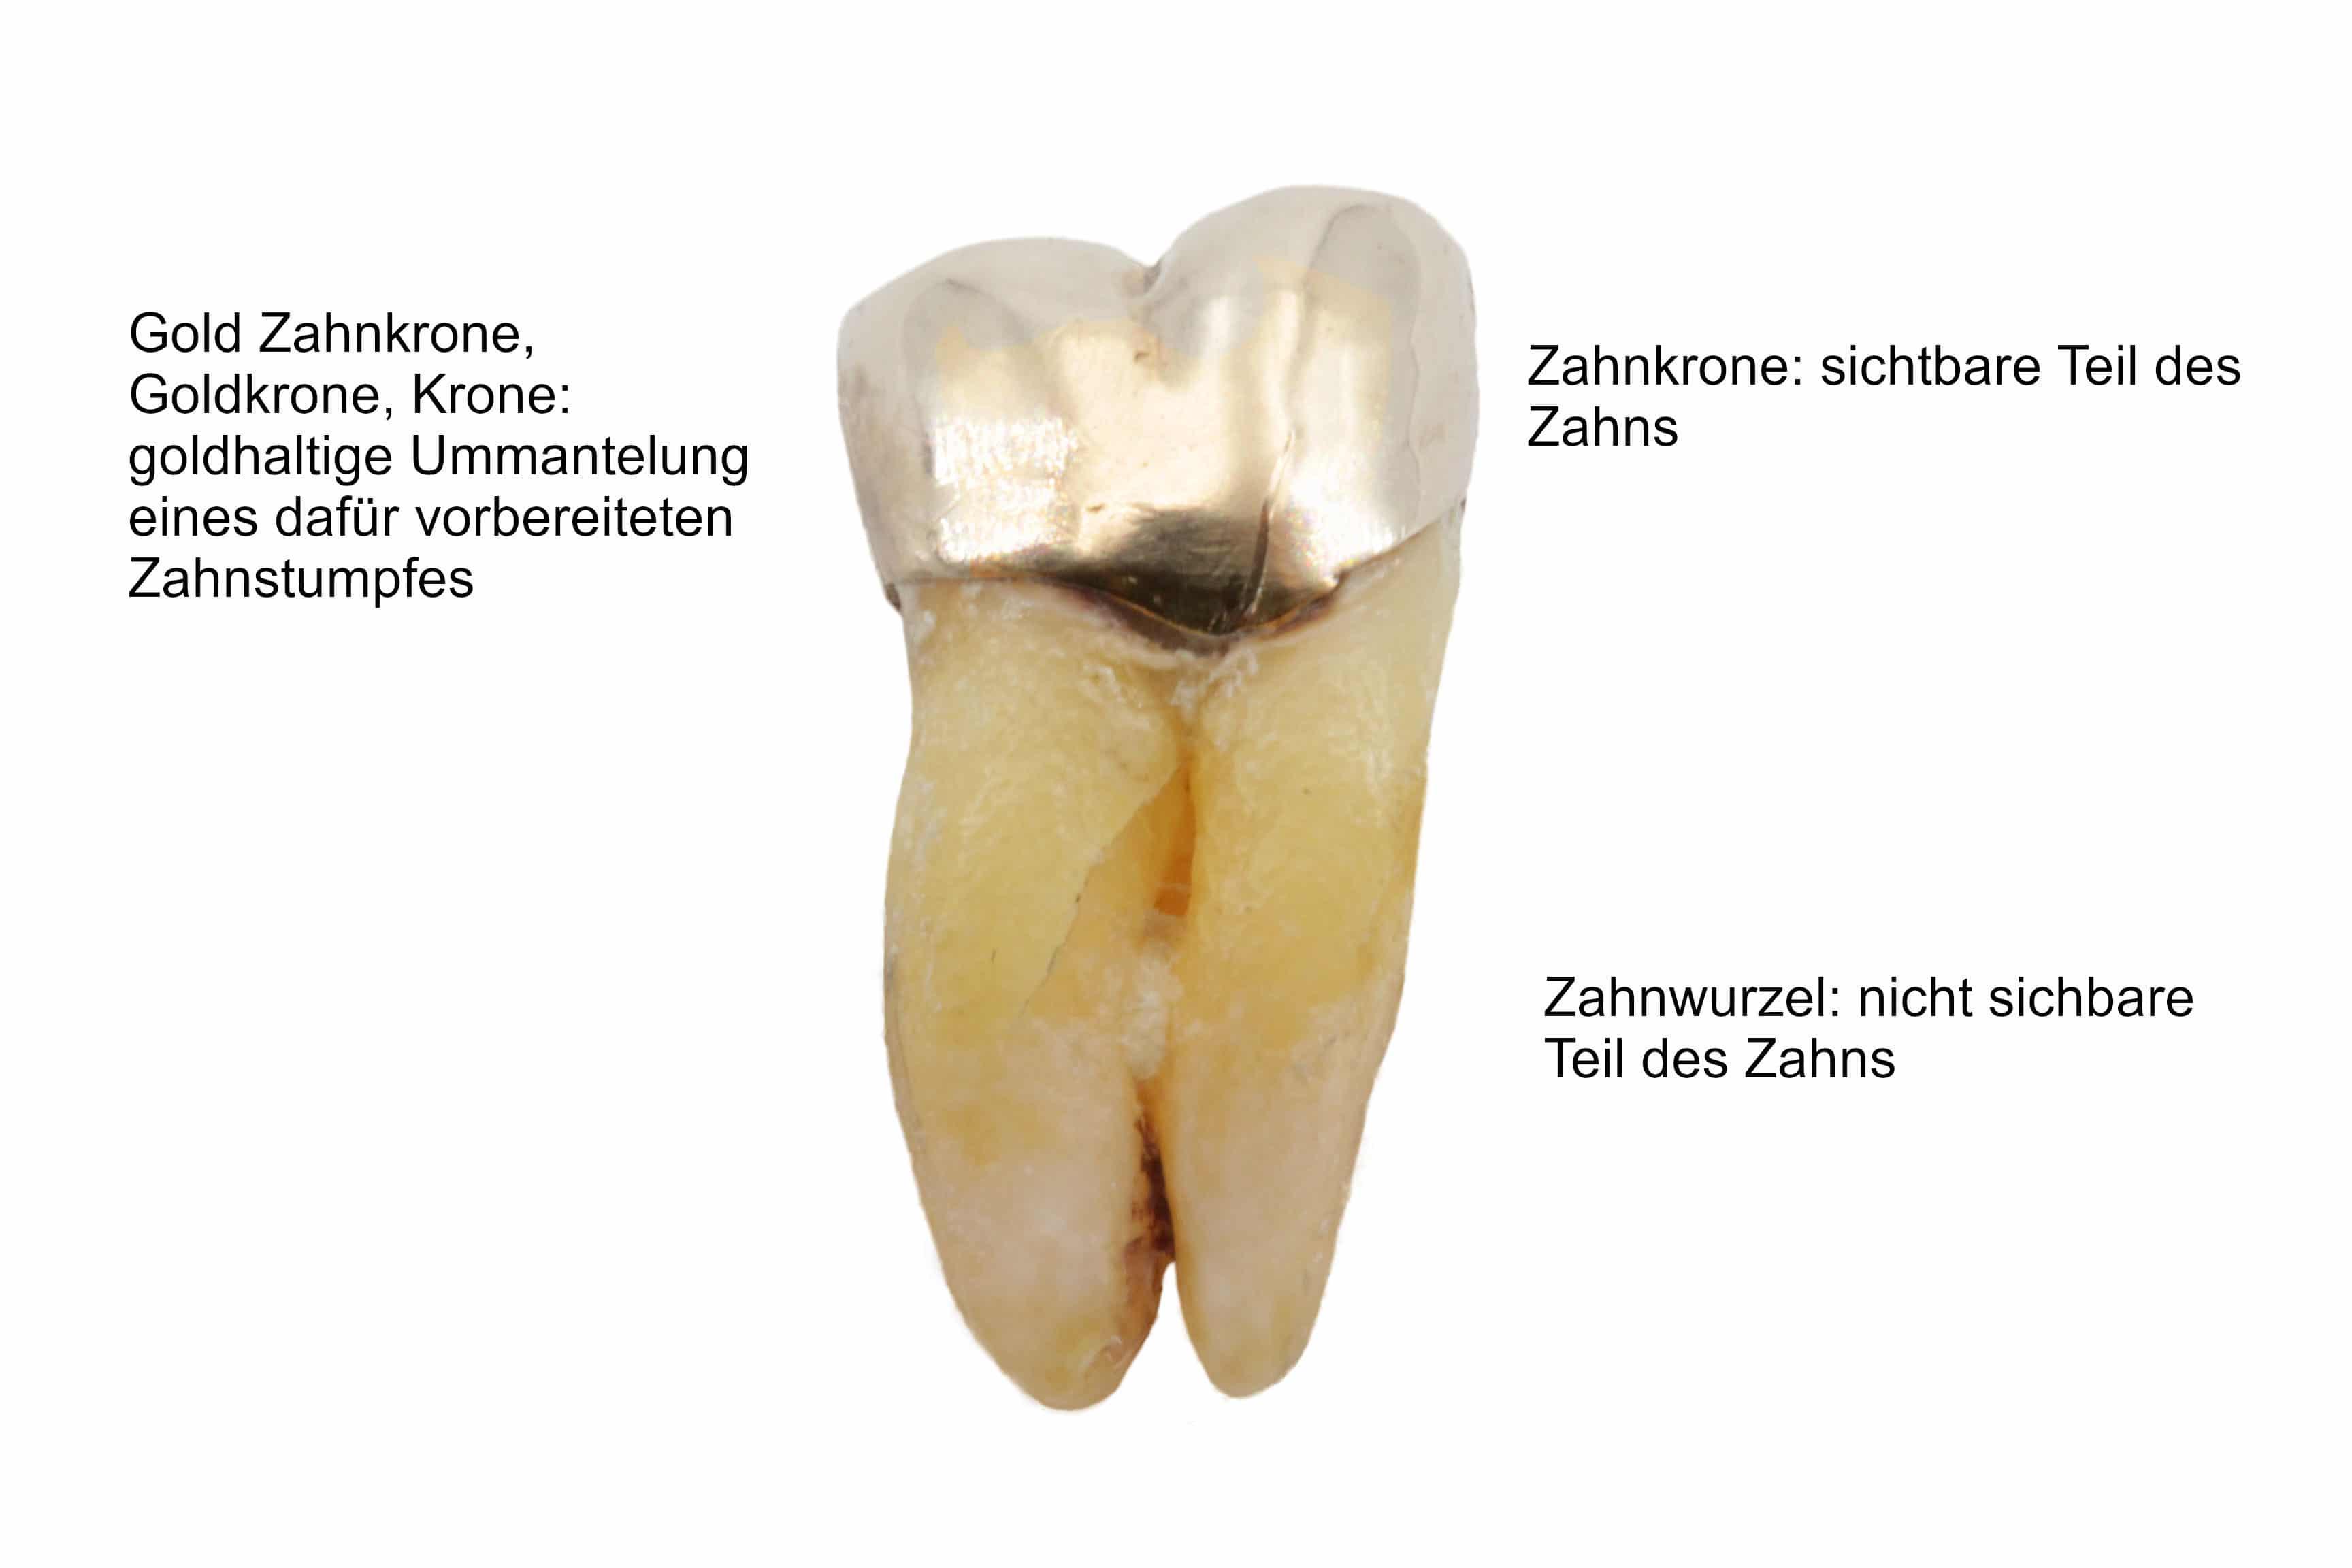 Zahn Hintergrund weiß mit Beschriftung